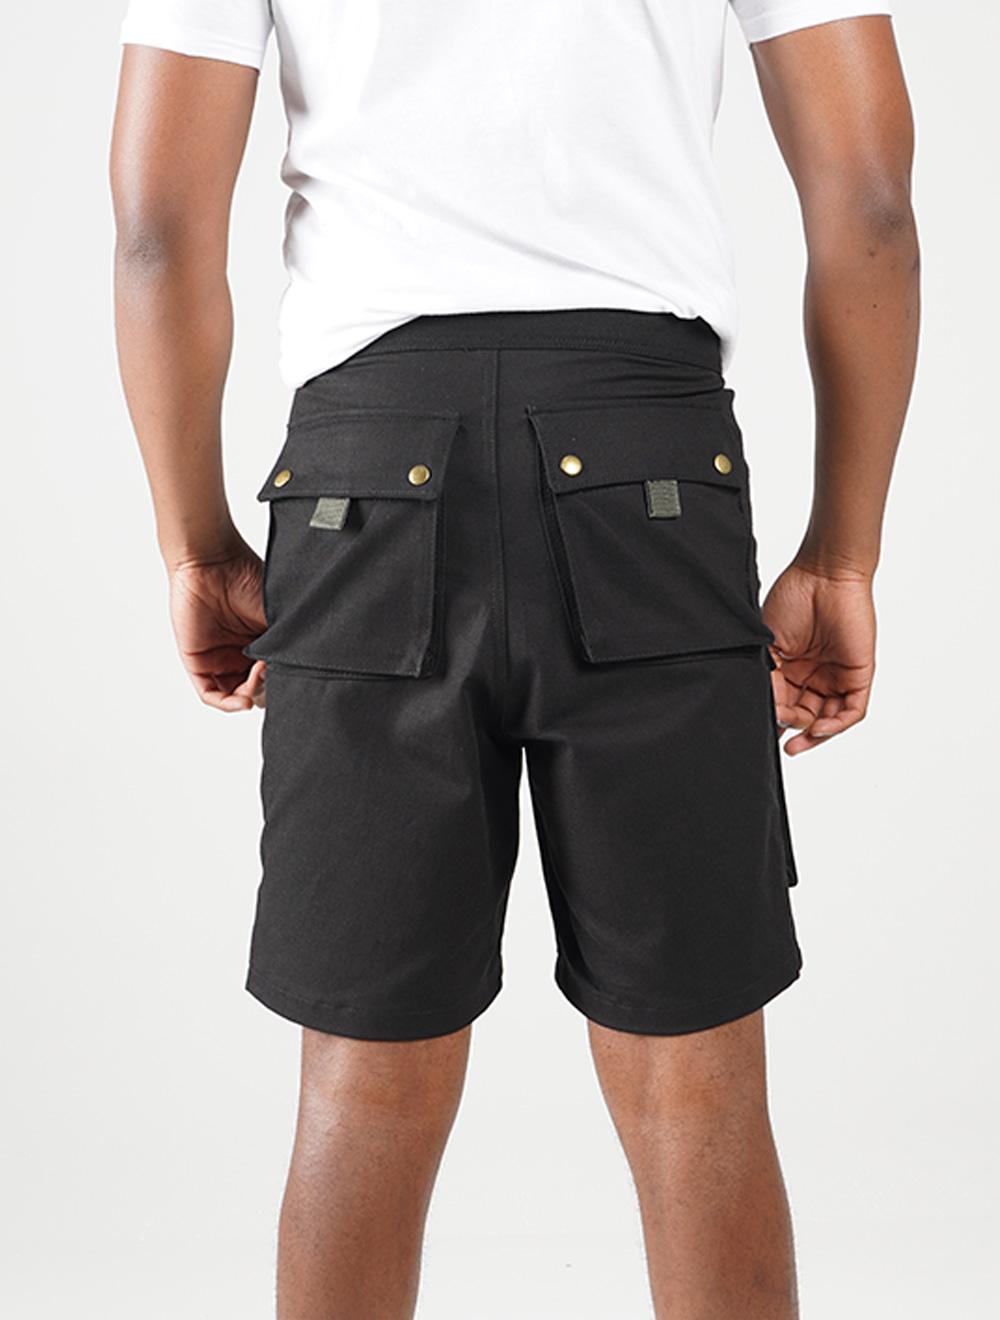 Inkunz'emnyama 3D shorts – Back